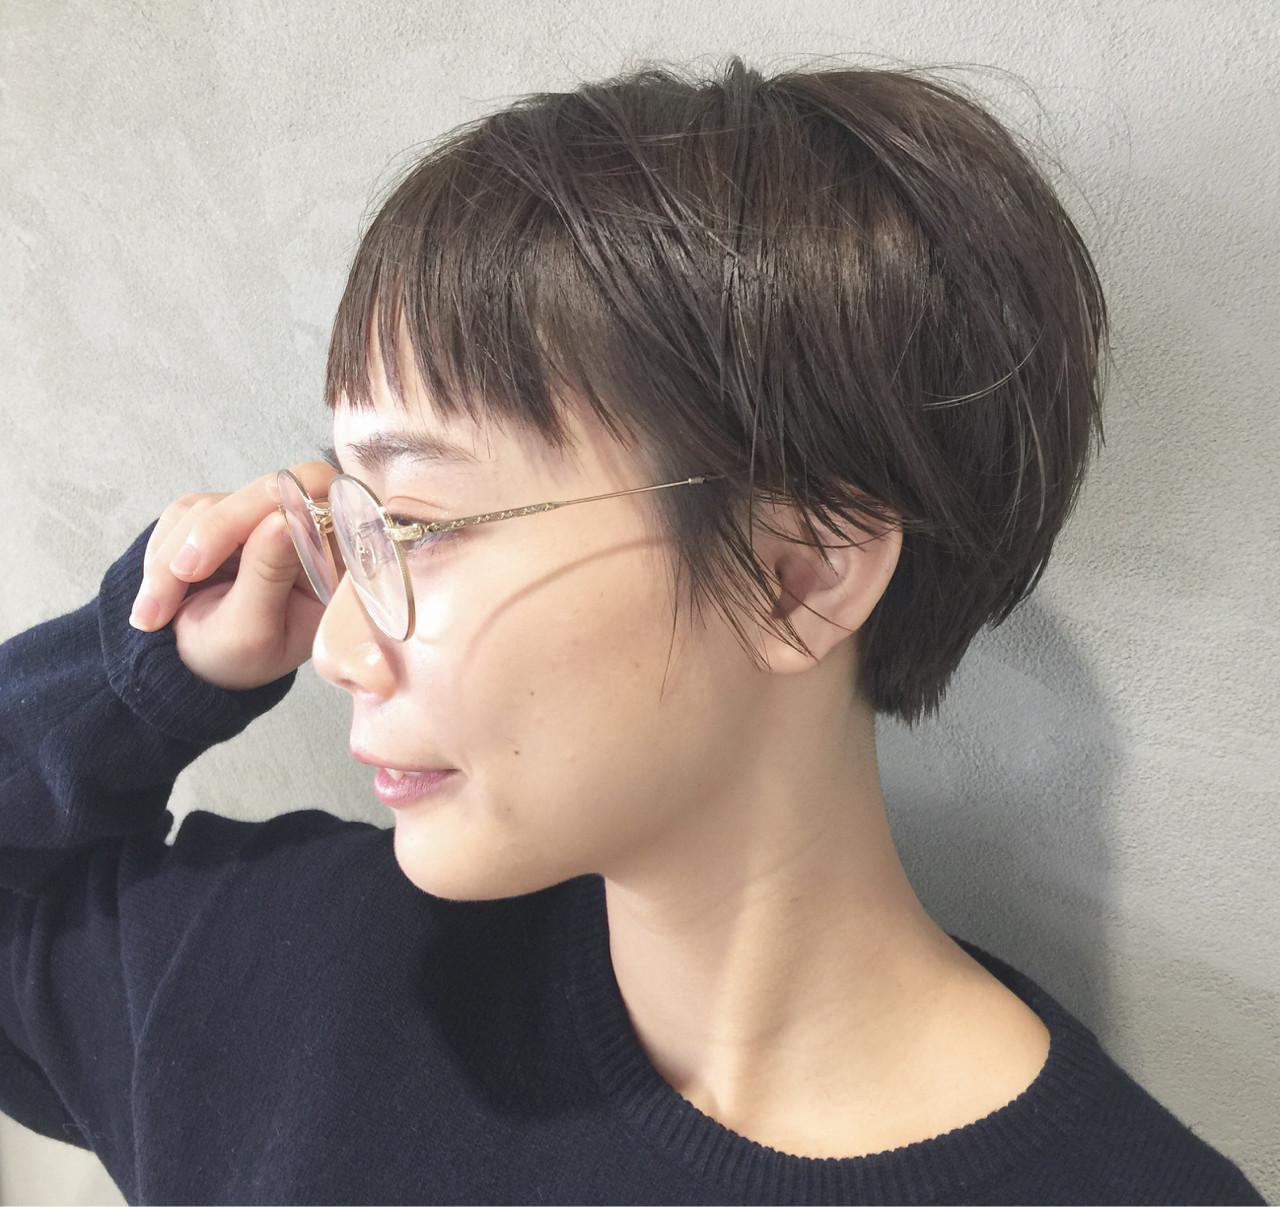 前髪あり ショートボブ ナチュラル ショート ヘアスタイルや髪型の写真・画像 | 高橋 忍 / nanuk渋谷店(ナヌーク)